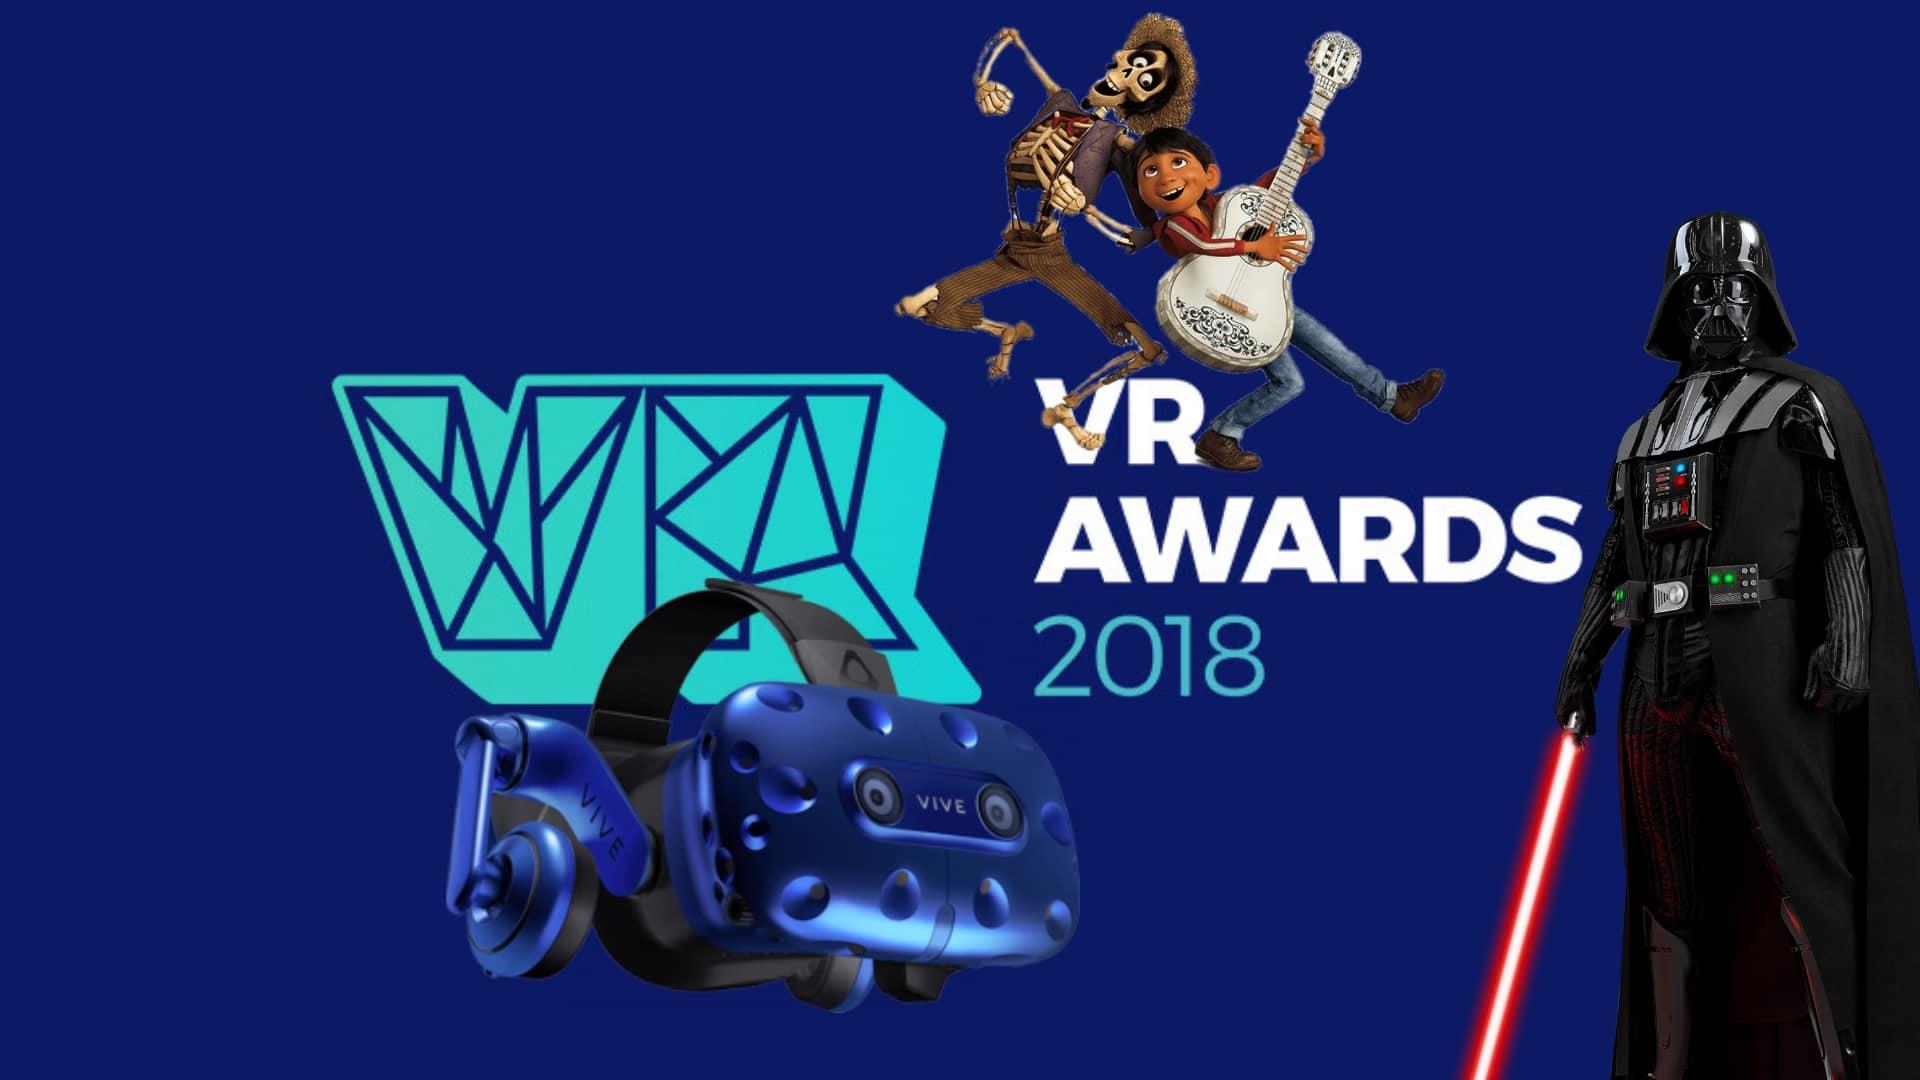 vr awards 2018 : voici les meilleurs jeux, films et casques vr de l